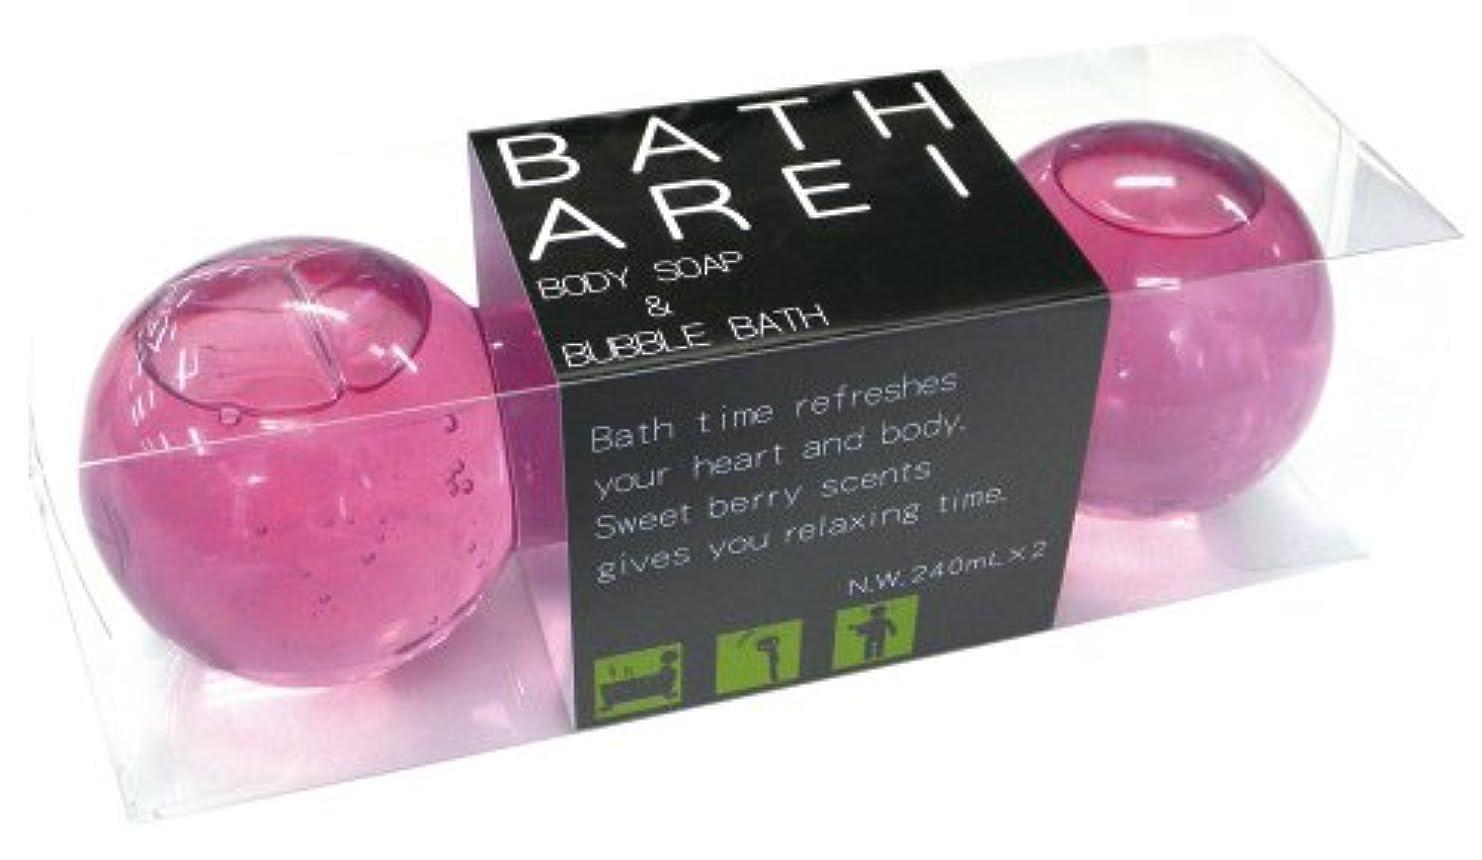 ノルコーポレーション バブルバス&ボディソープ ダンベル バスアレイ ストロベリーの香り OB-ARE-2-2